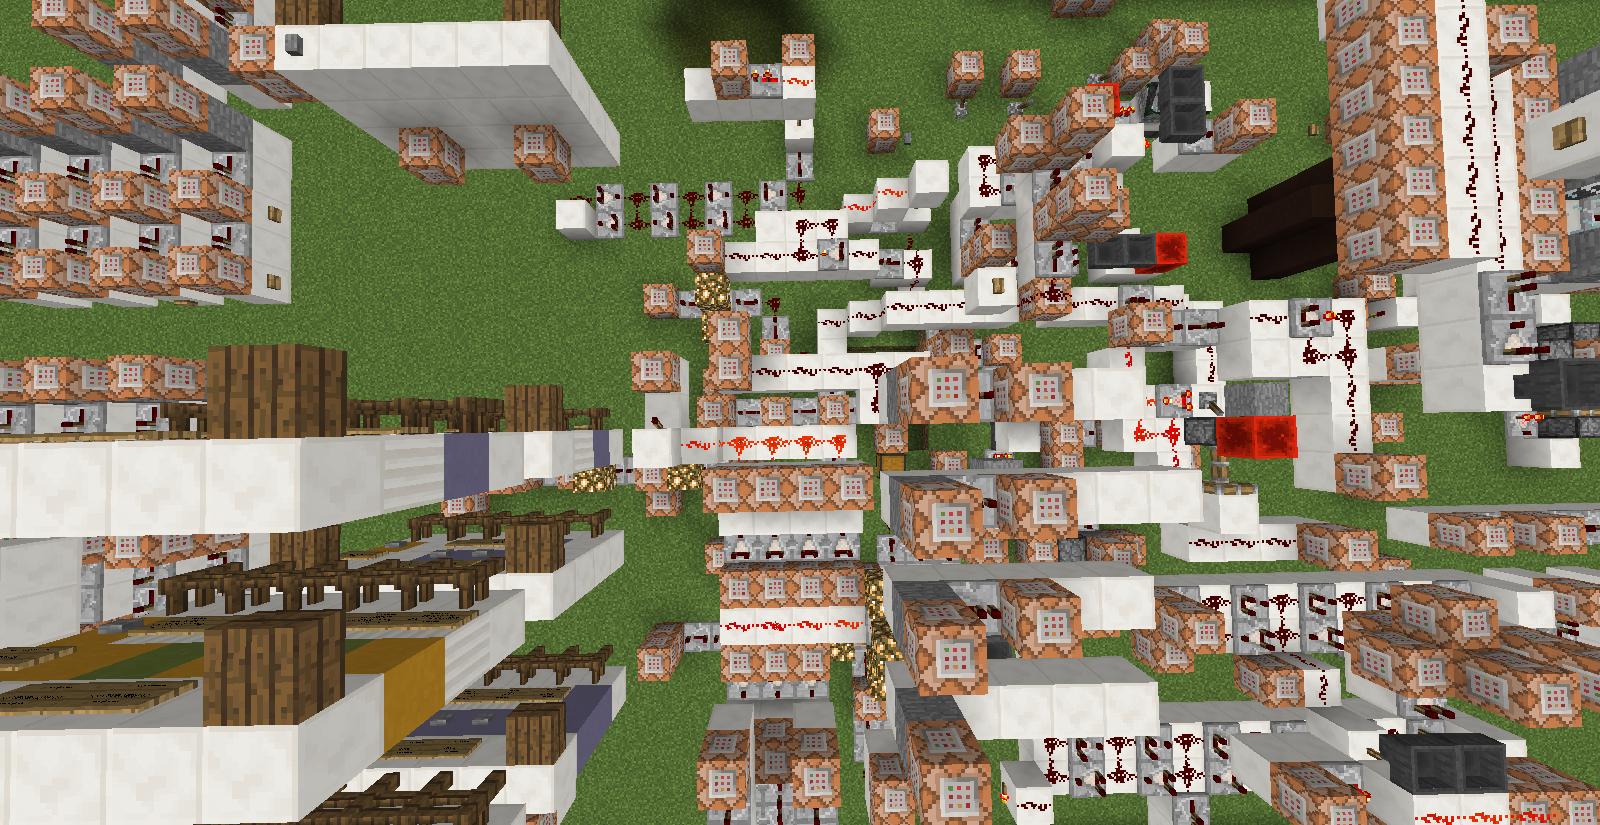 minecraft-map-jump-gems-quest-II-systeme-redstone